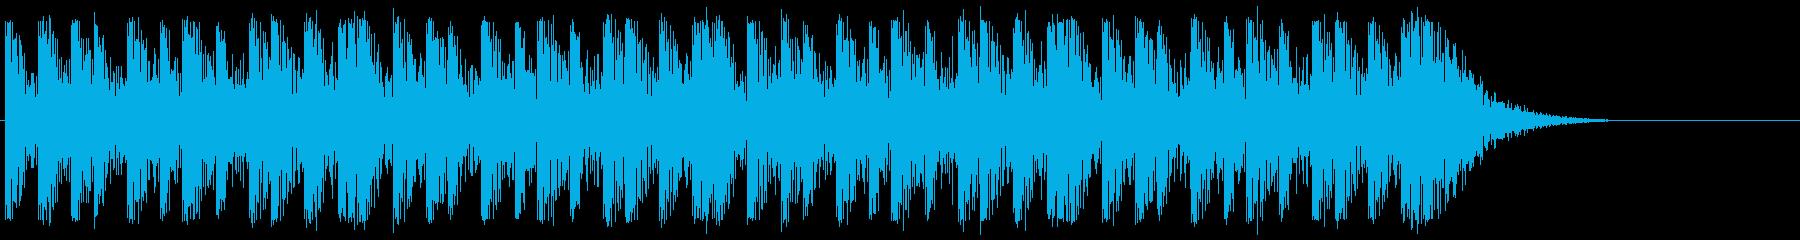 太鼓系楽器のみの迫力あるリズムループで…の再生済みの波形